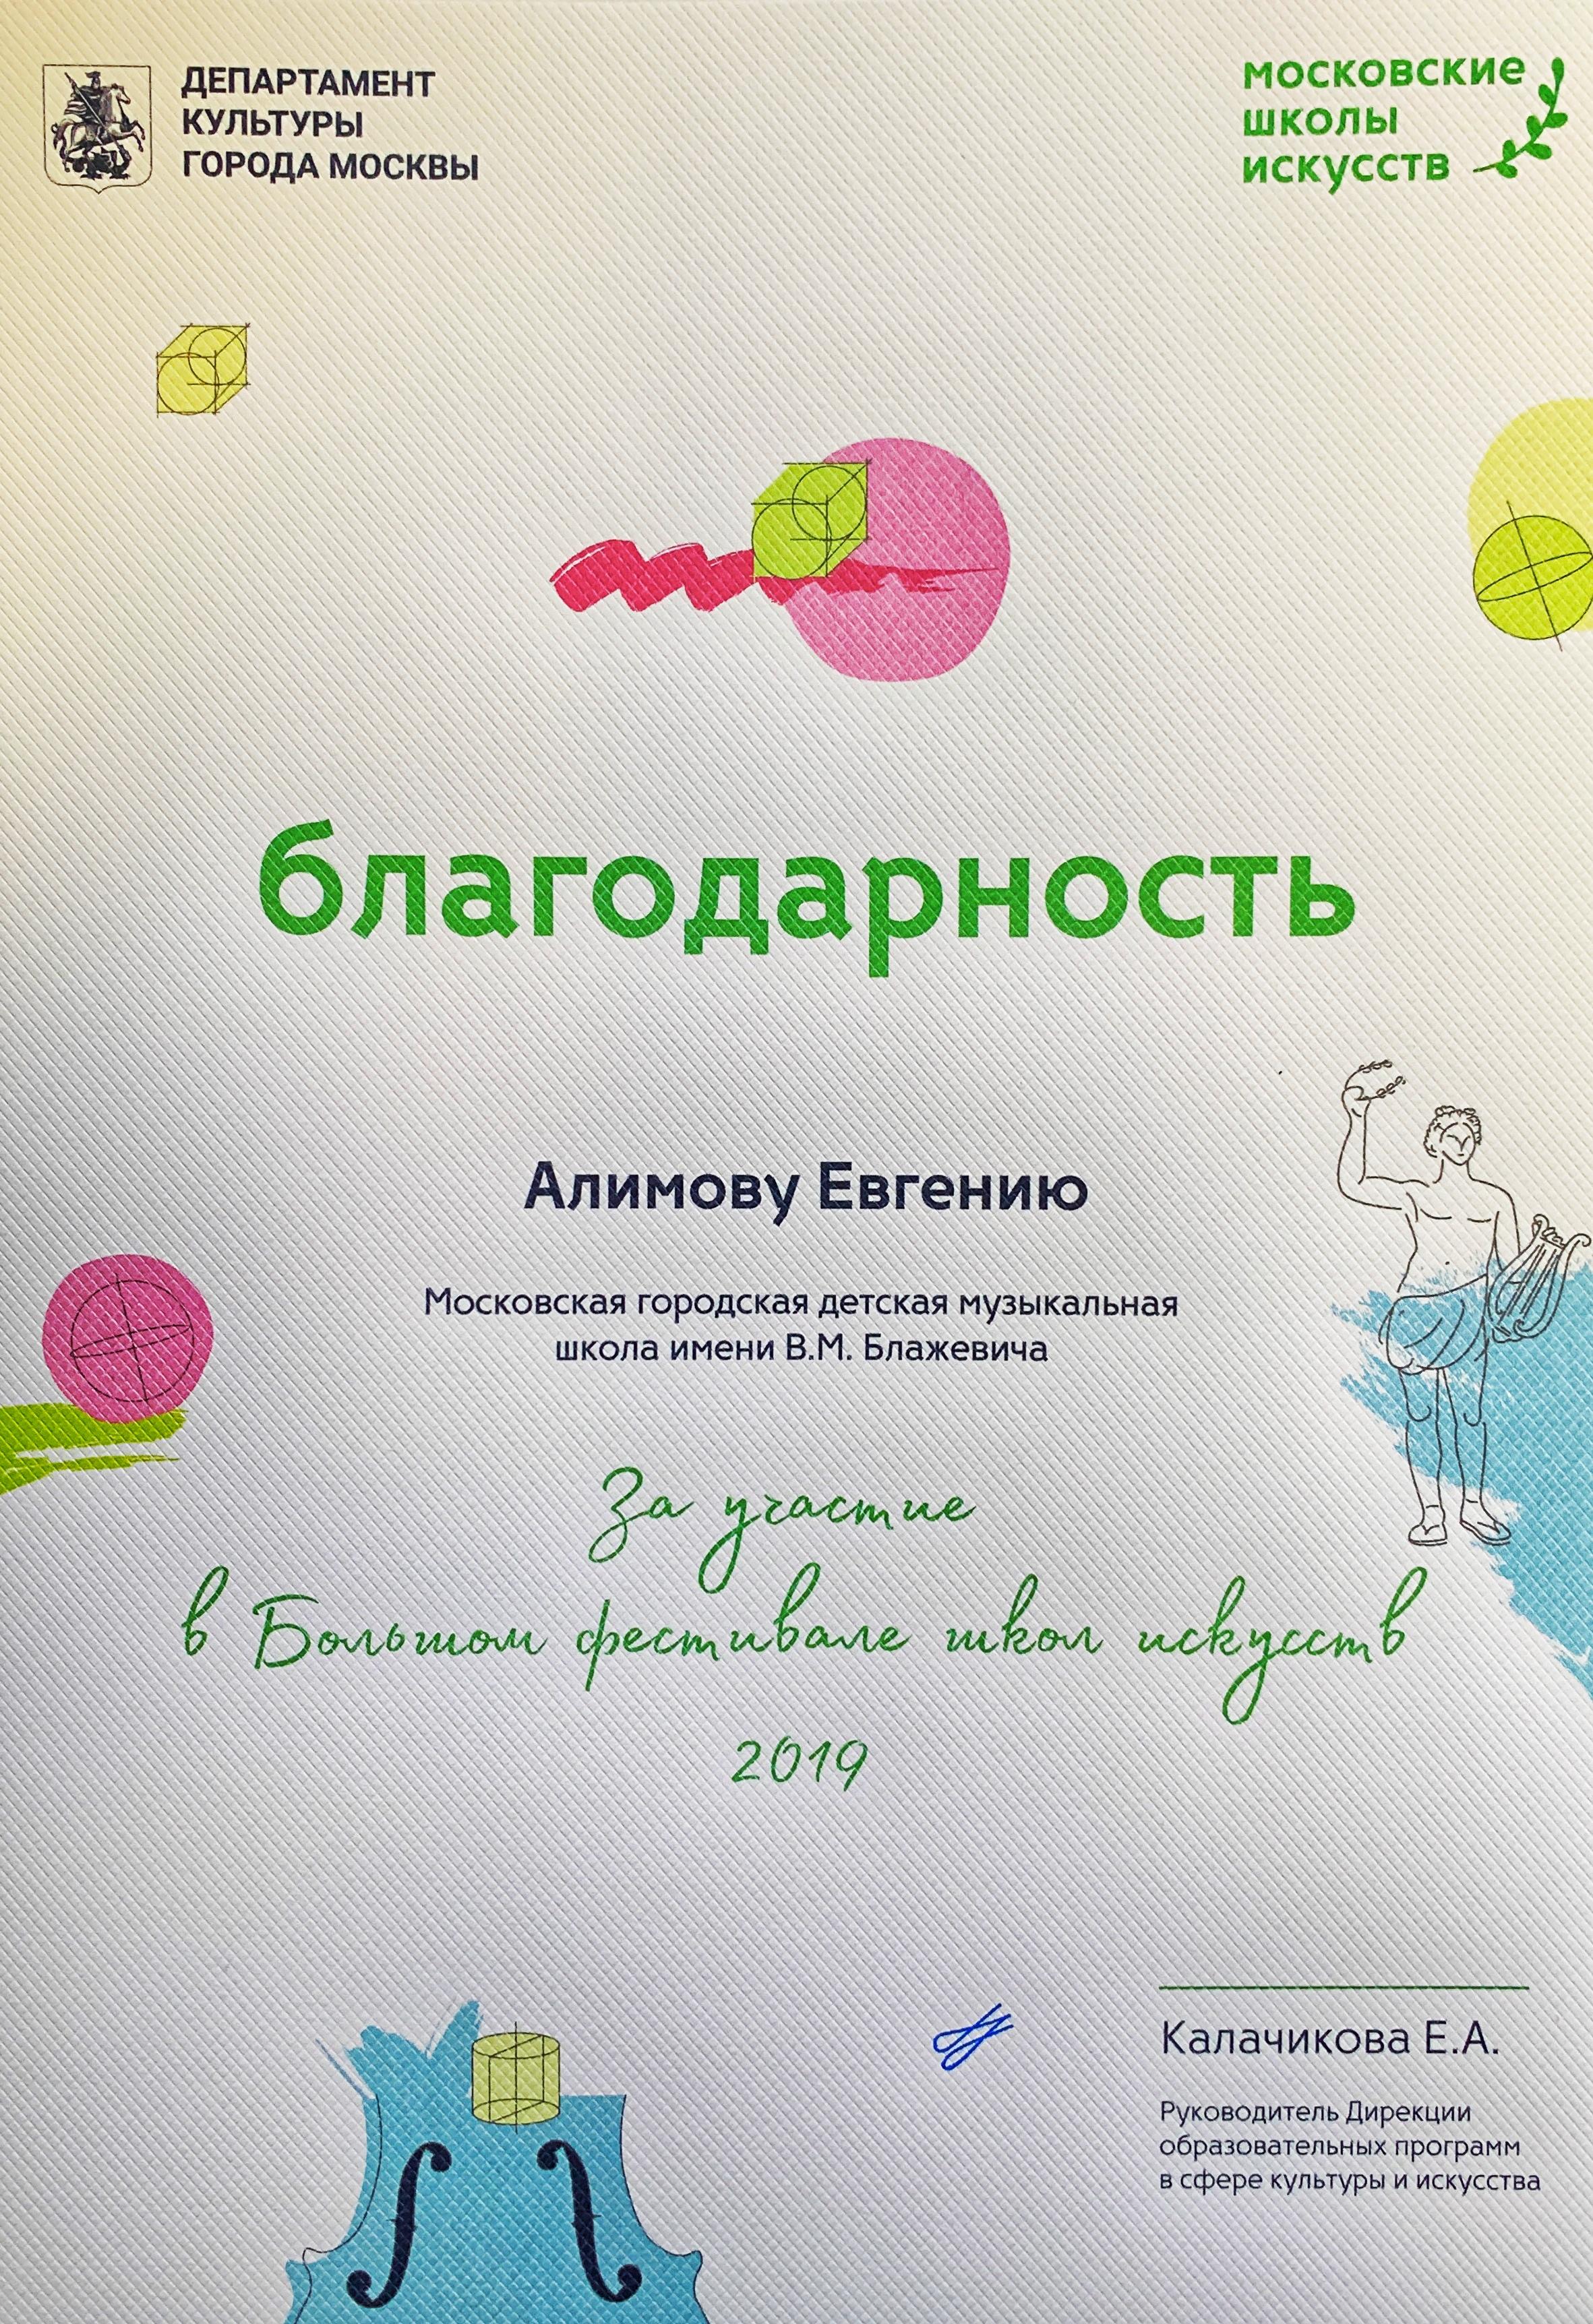 Алимов Евгений труба